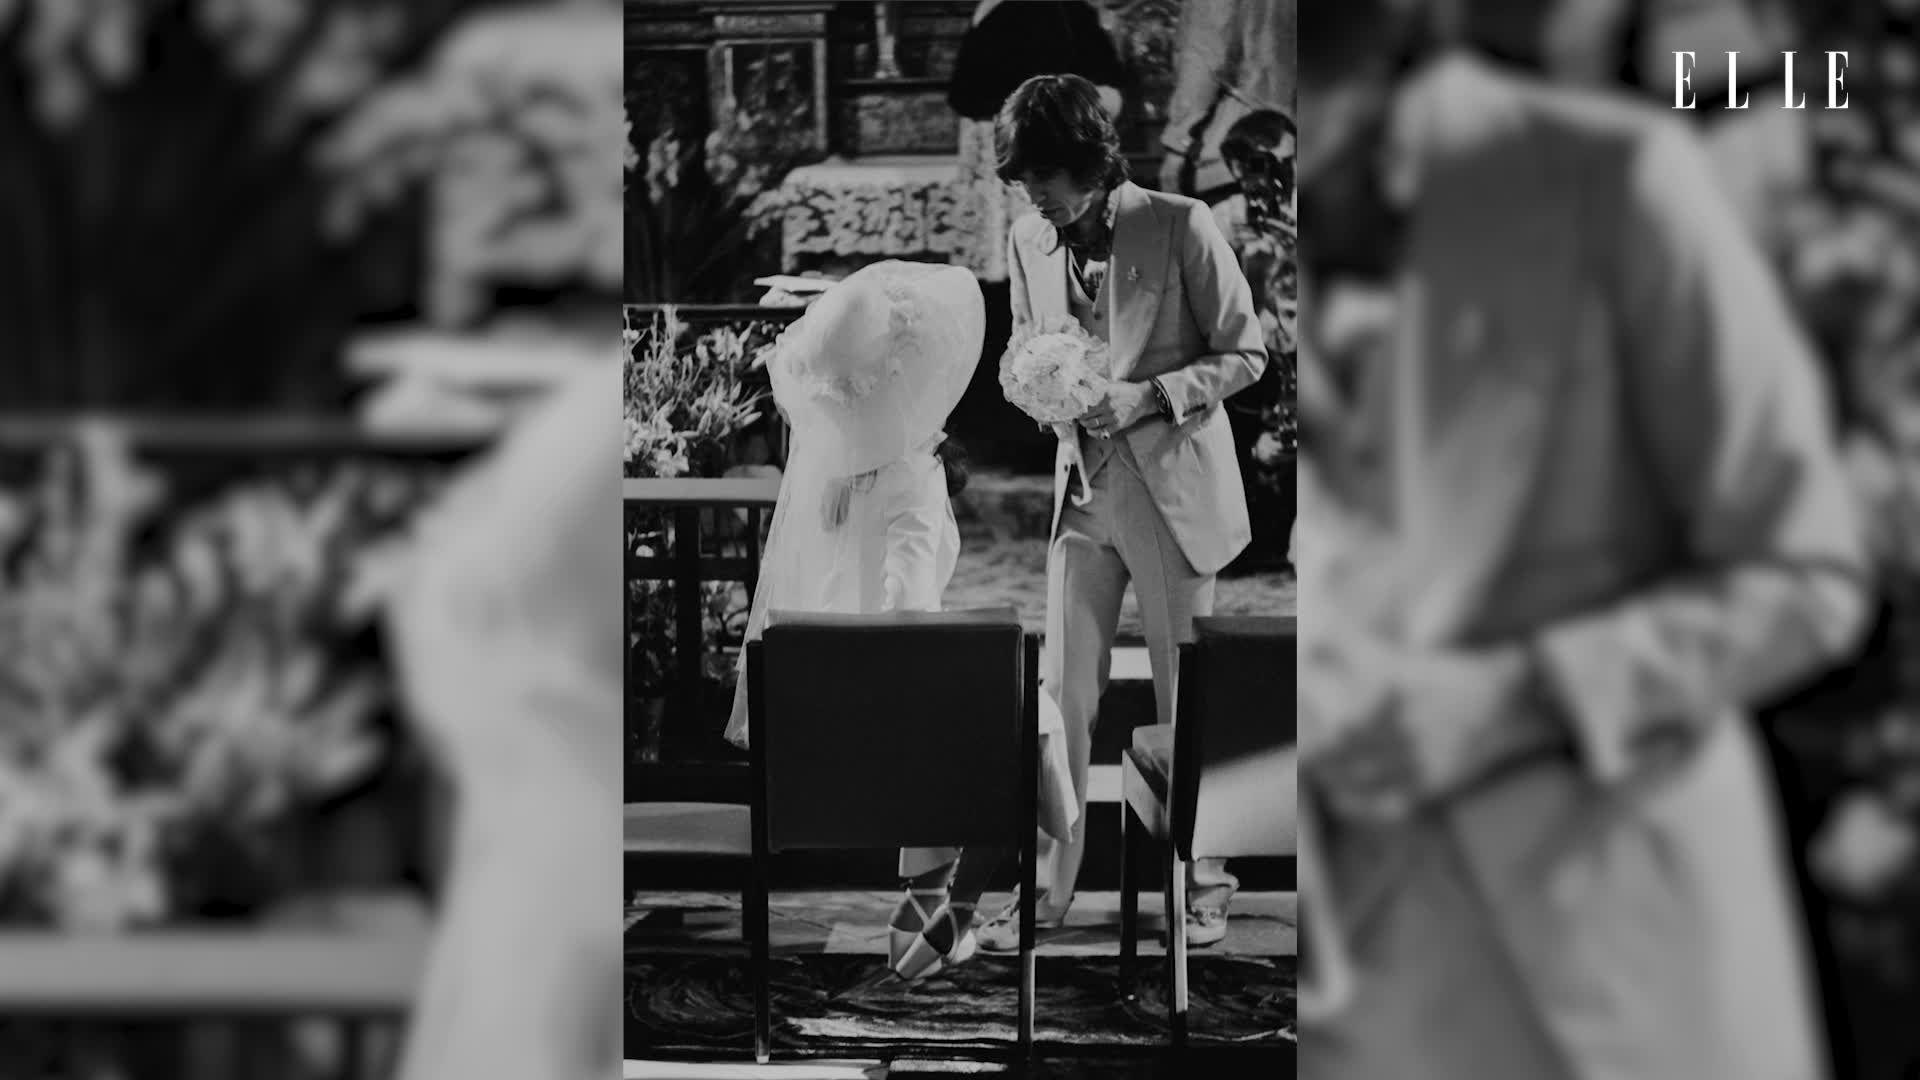 C'era una volta un sì... Il matrimonio di Mick e Bianca Jagger in un podcast esclusivo